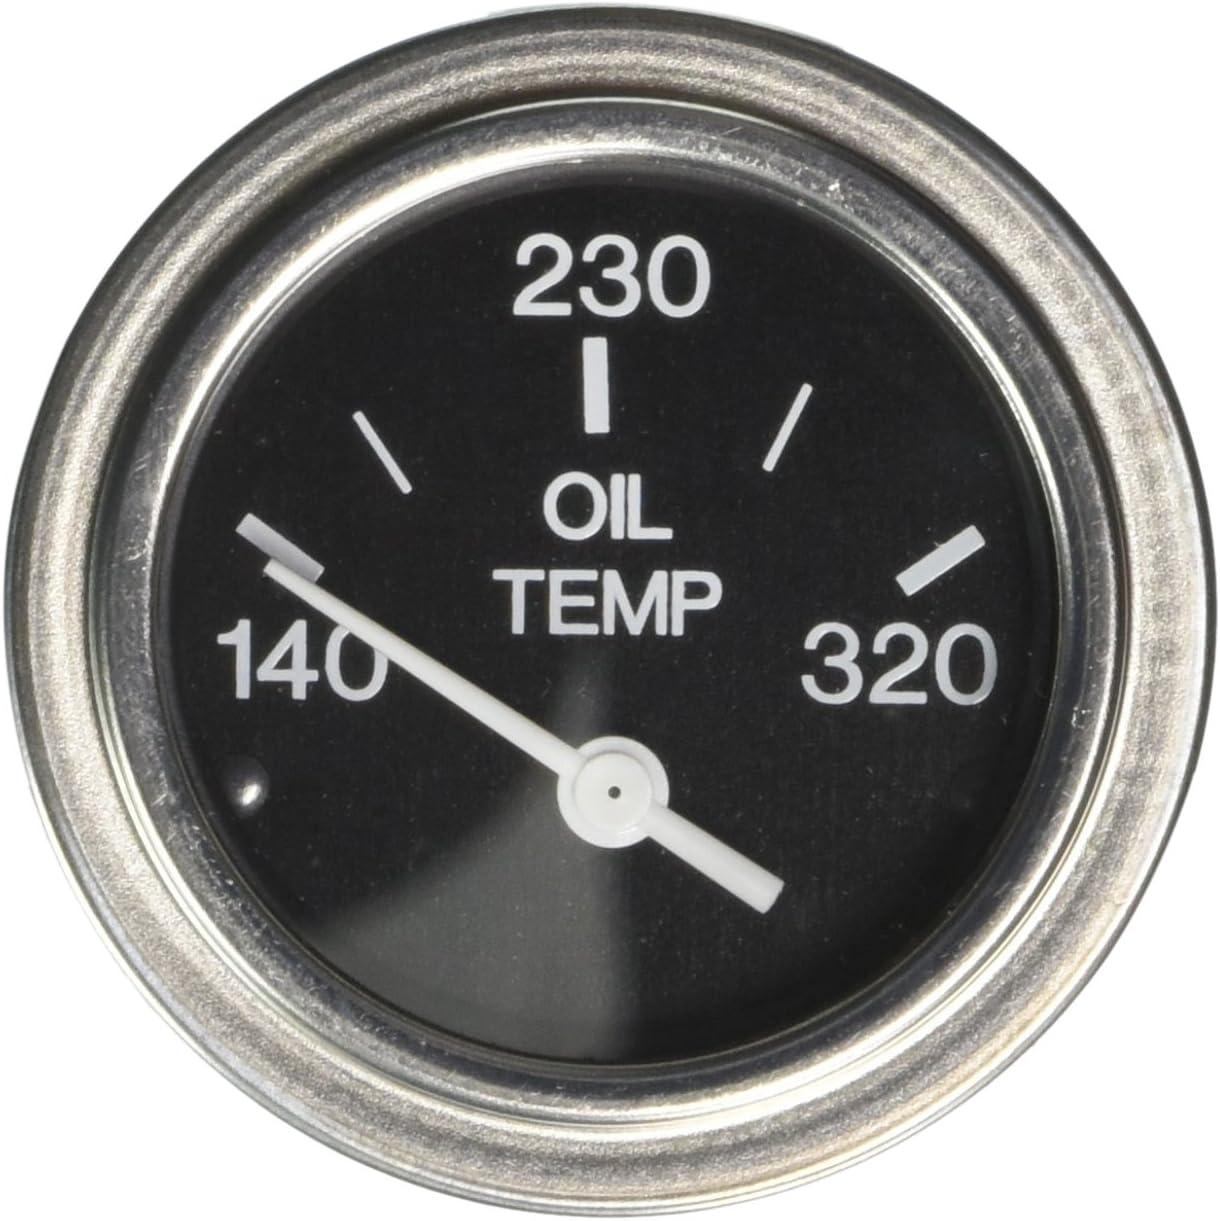 Sierra International 80596P Heavy Duty Electric 320 Degree F Oil Temp Gauge for Inboard /& Diesel Engines 2